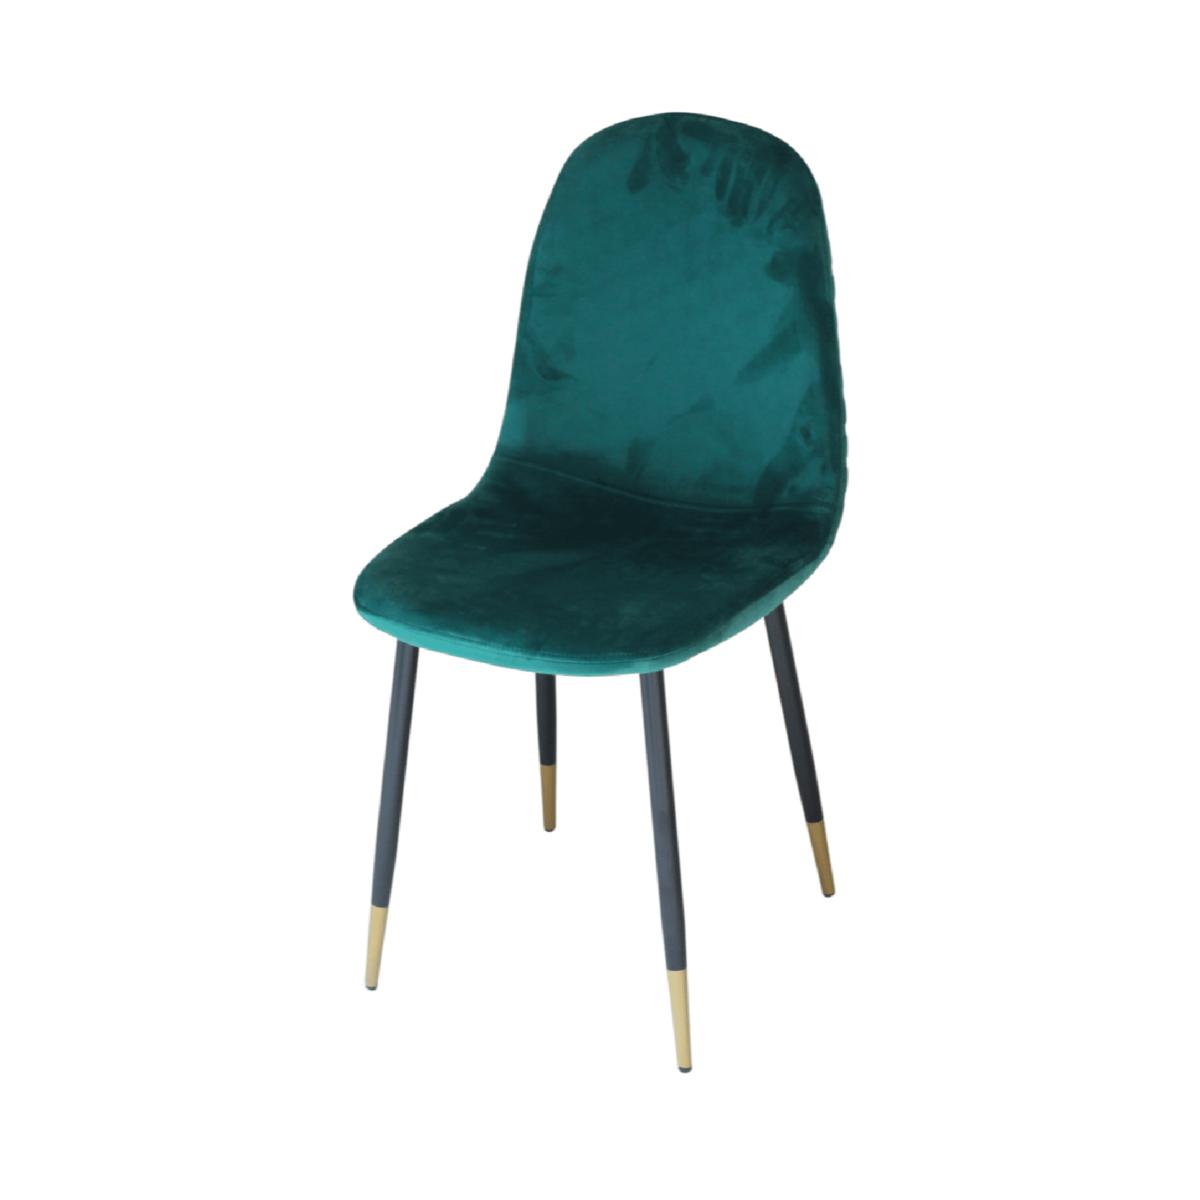 silla-terciopelo-hexa